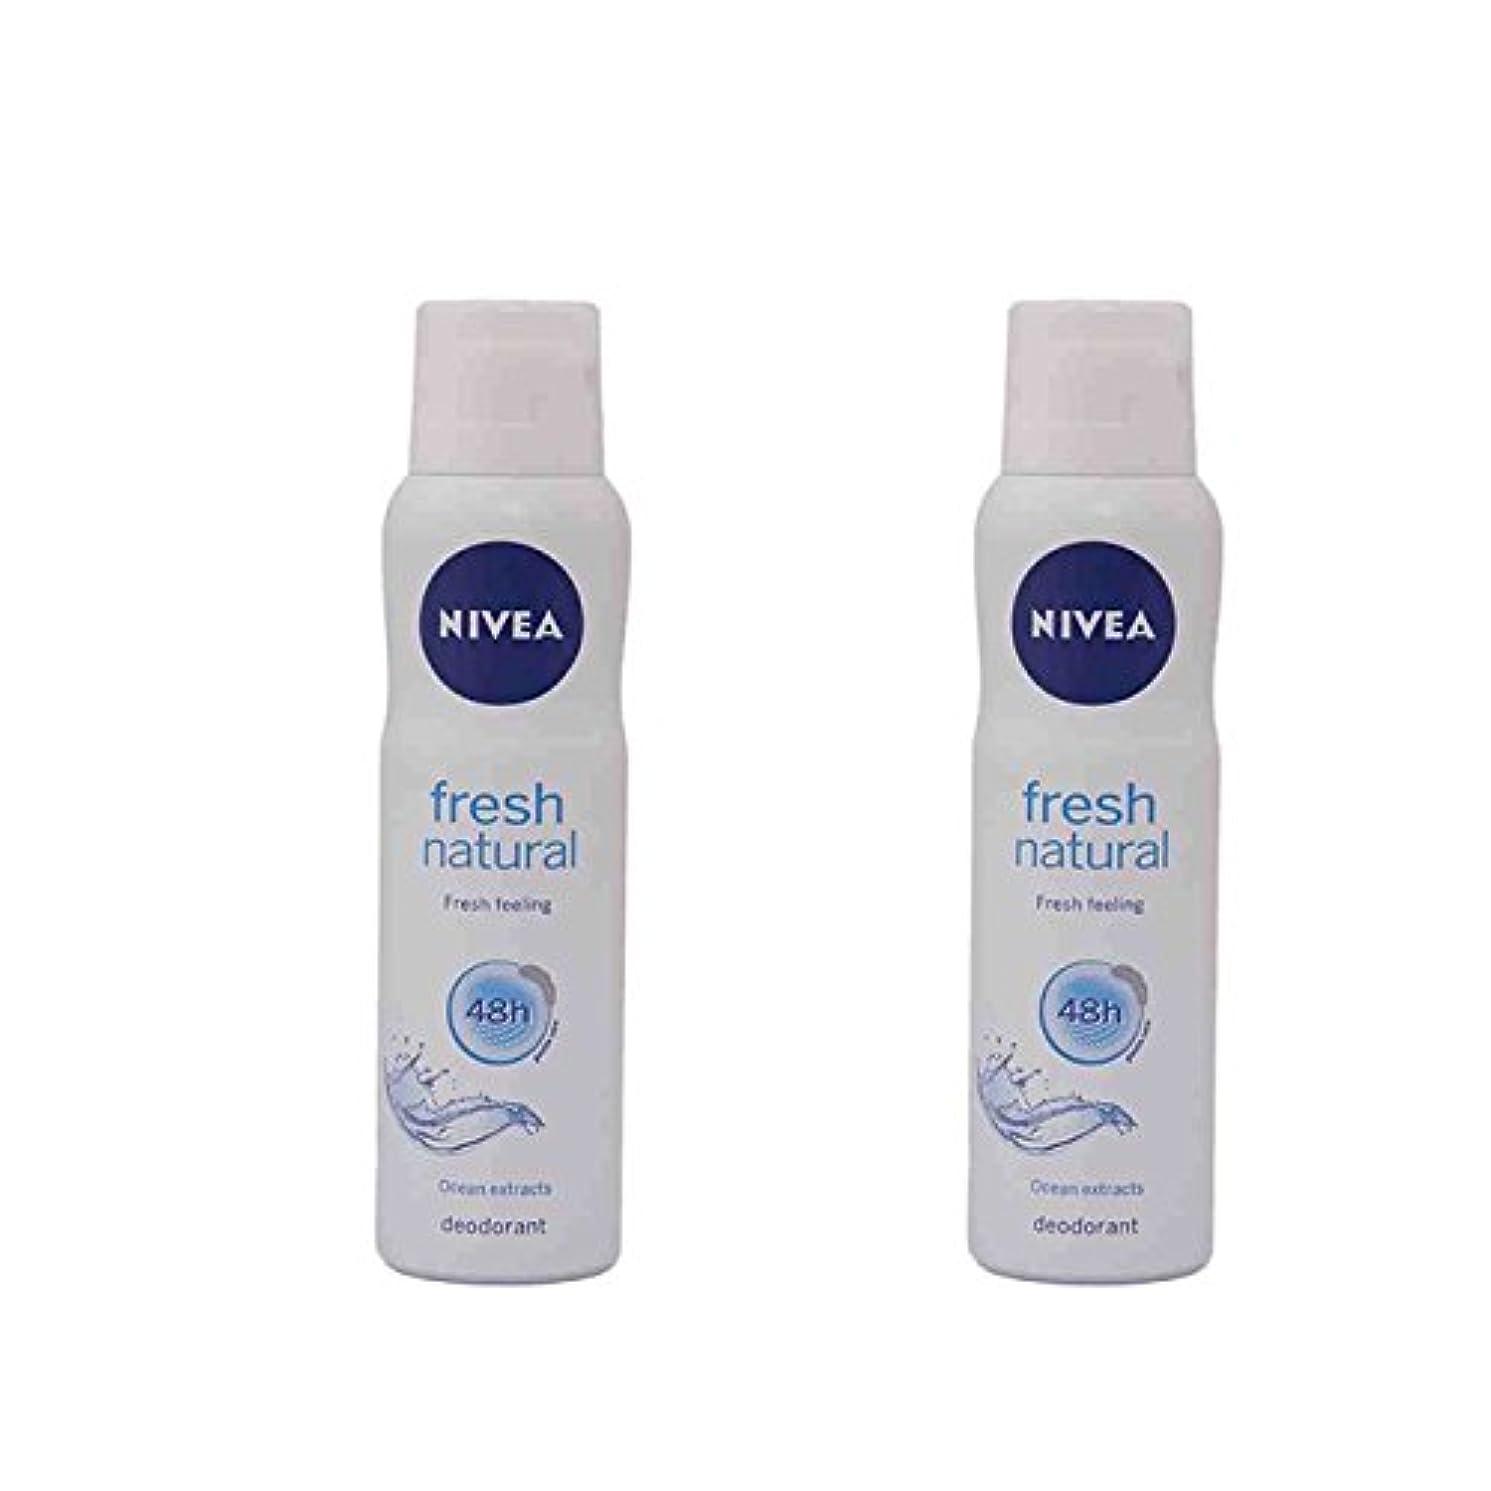 選ぶ近くこの2 Lots X Nivea For Women Fresh Natural Deodorant, 150ml - 並行輸入品 - 2ロットXニベア女性用フレッシュナチュラルデオドラント、150ml